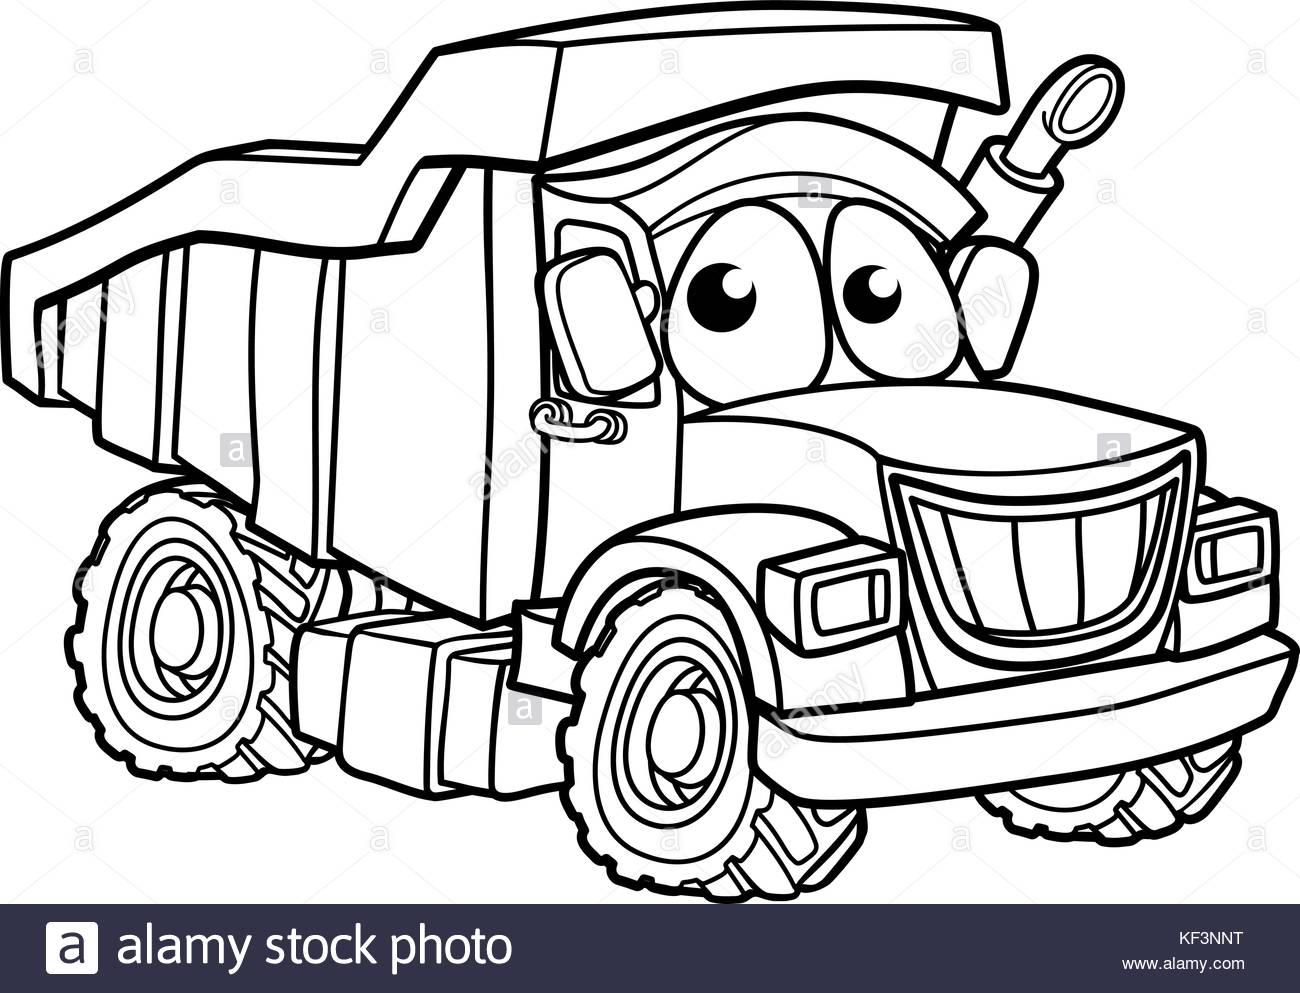 1300x993 Vector Cartoon Cargo Semi Truck Stock Photos Amp Vector Cartoon